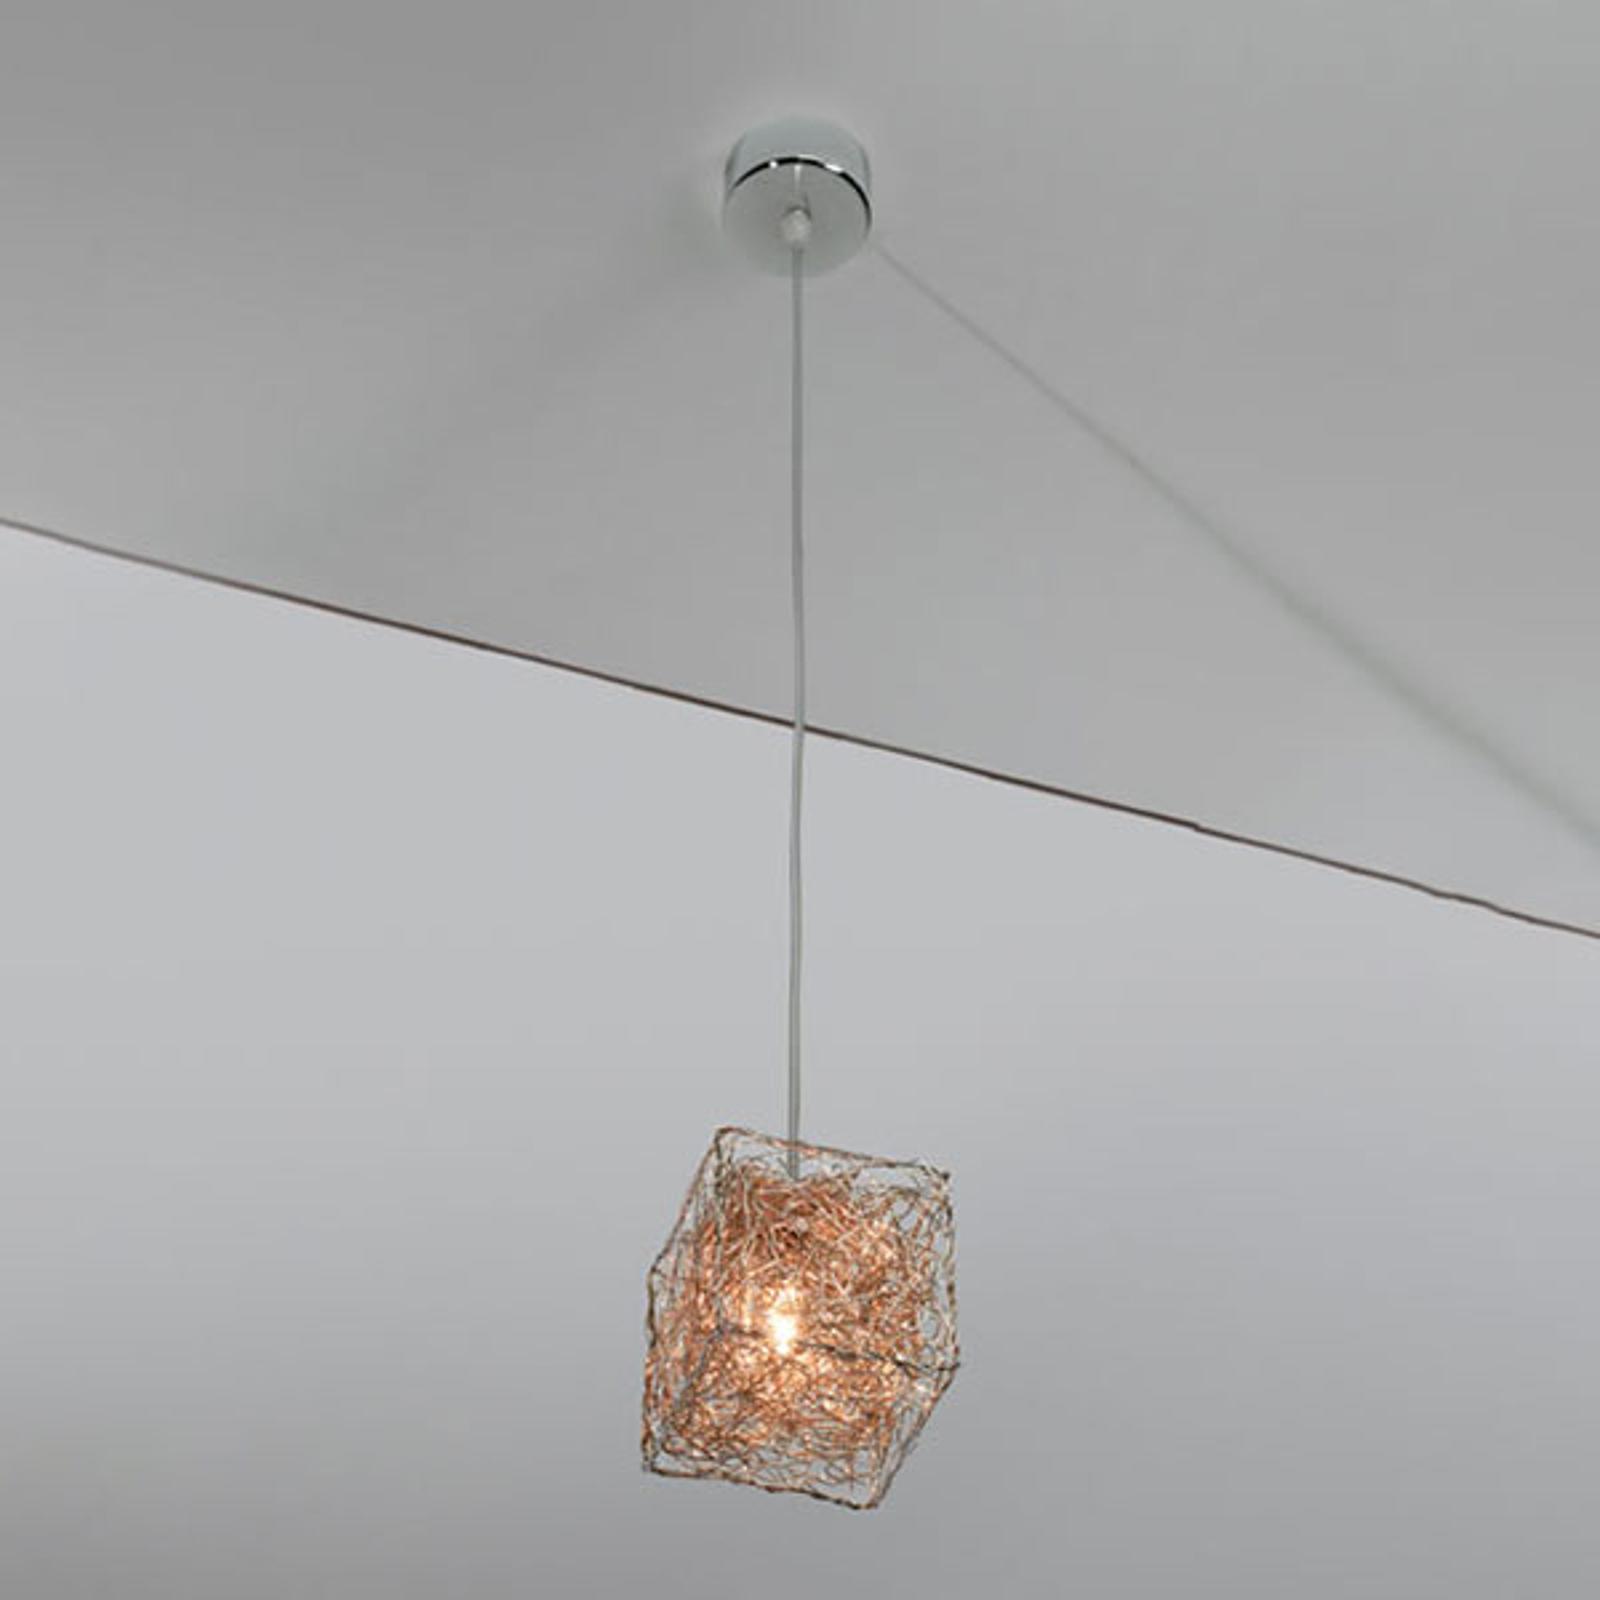 Knikerboker Kubini - designové závěsné světlo LED